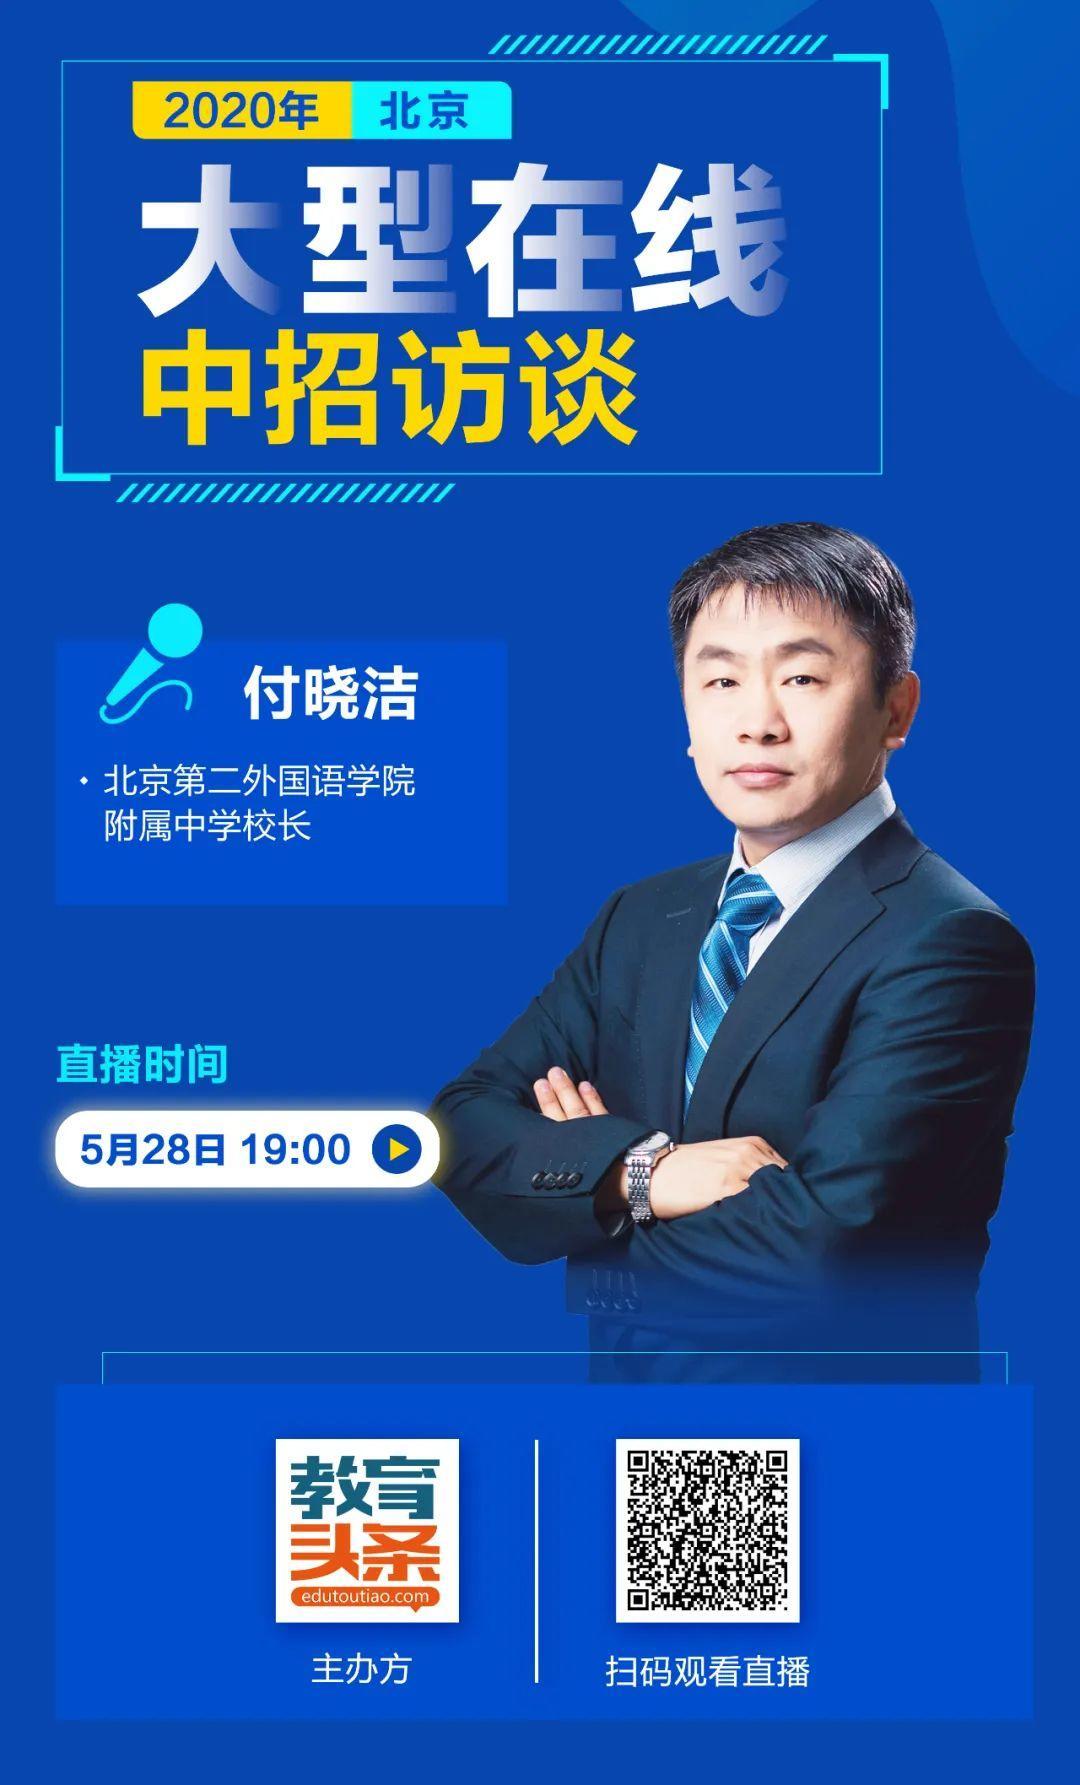 中招直播预告 | 北京第二外国语学院附属中学校长付晓洁将做客《教育头条》直播间!